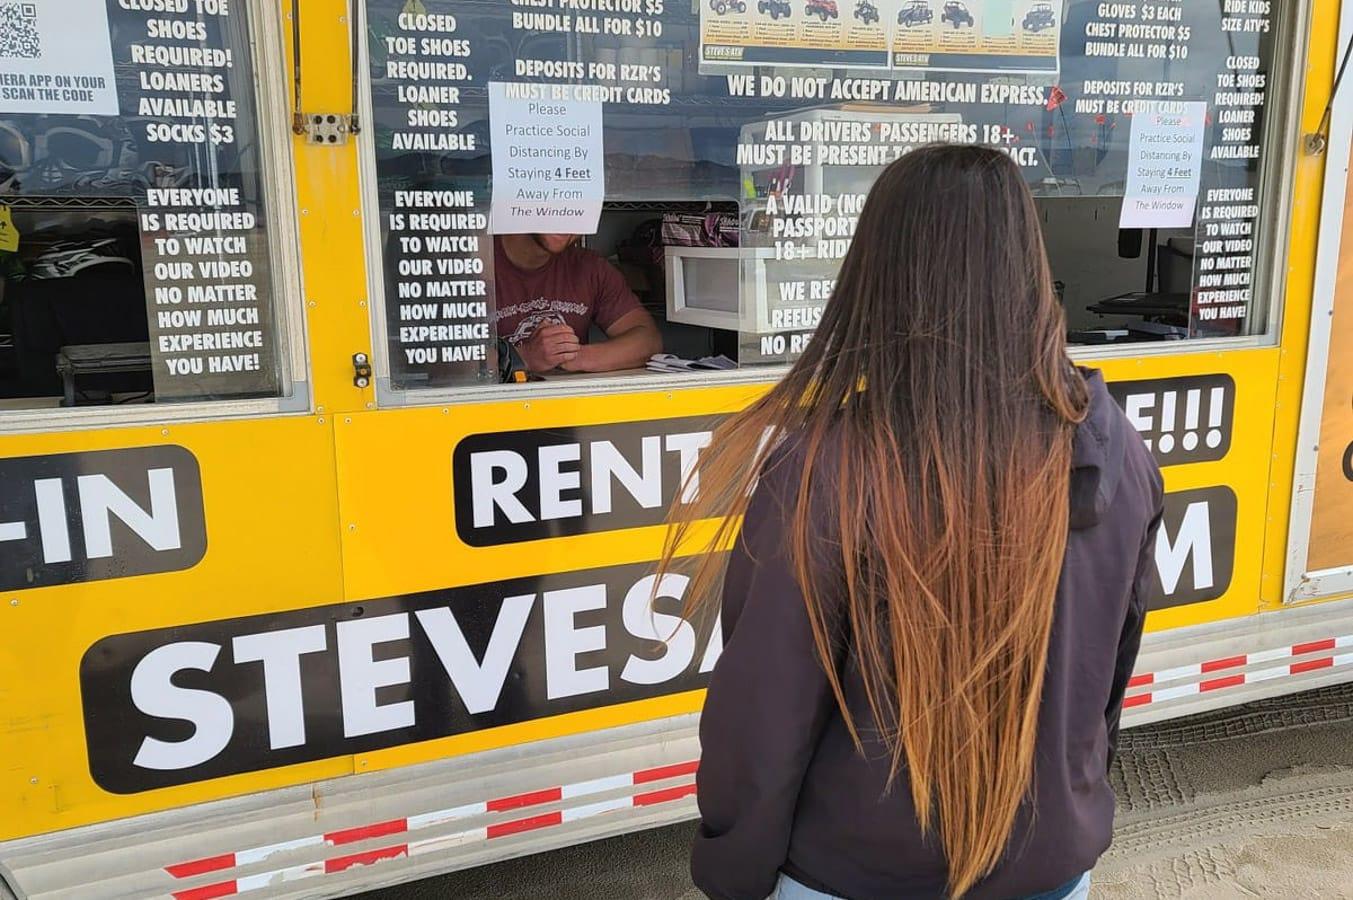 Woman at Steves Rentals